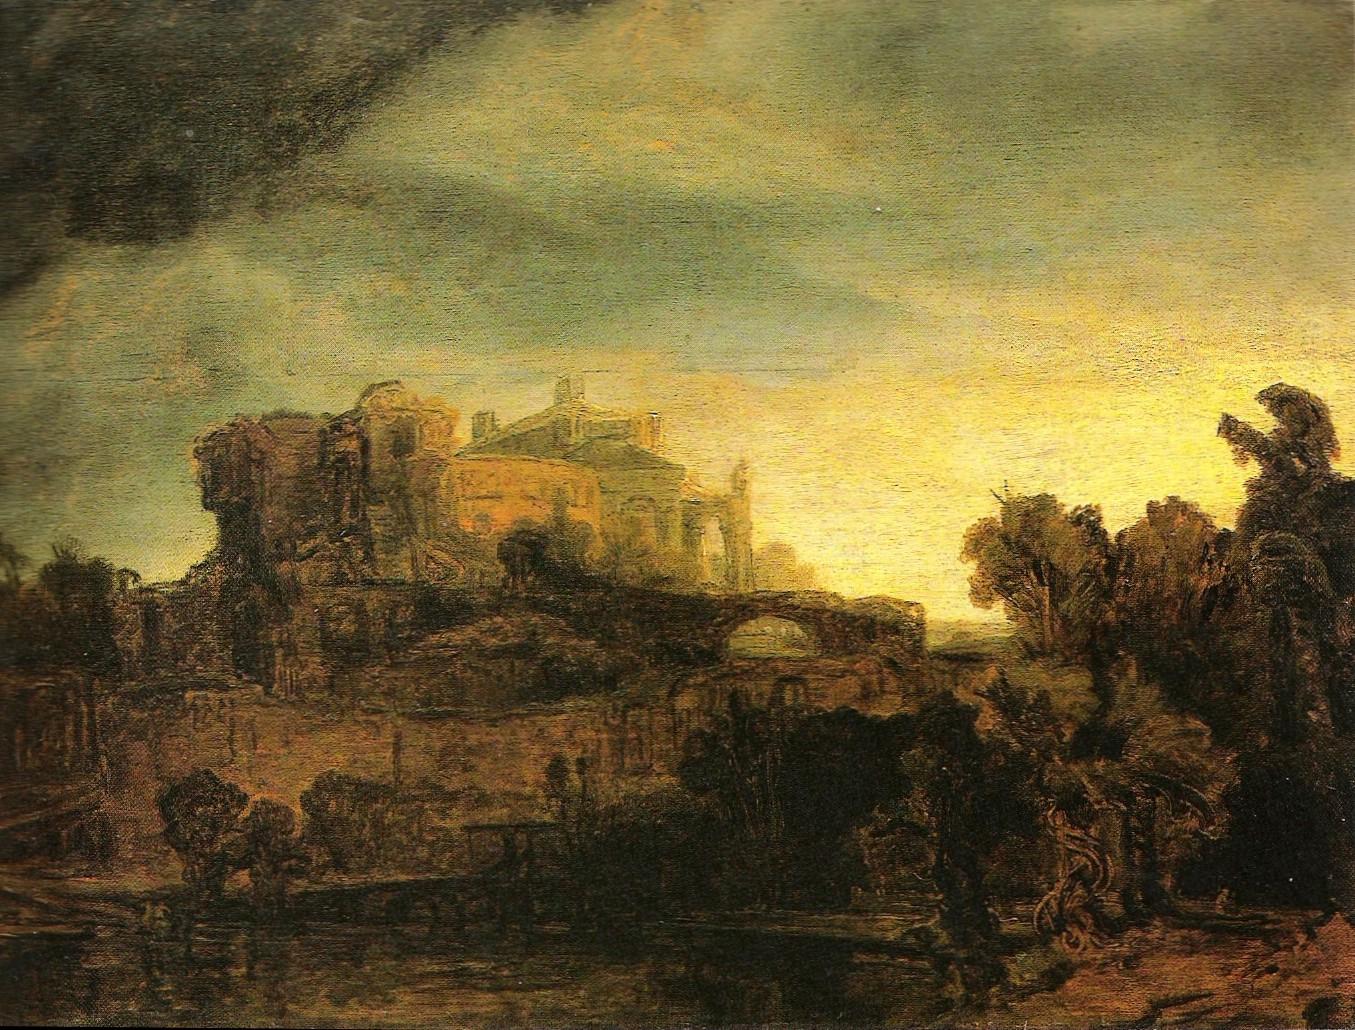 Landschaftsmalerei barock  Rembrandt van Rijn – Wikipedia